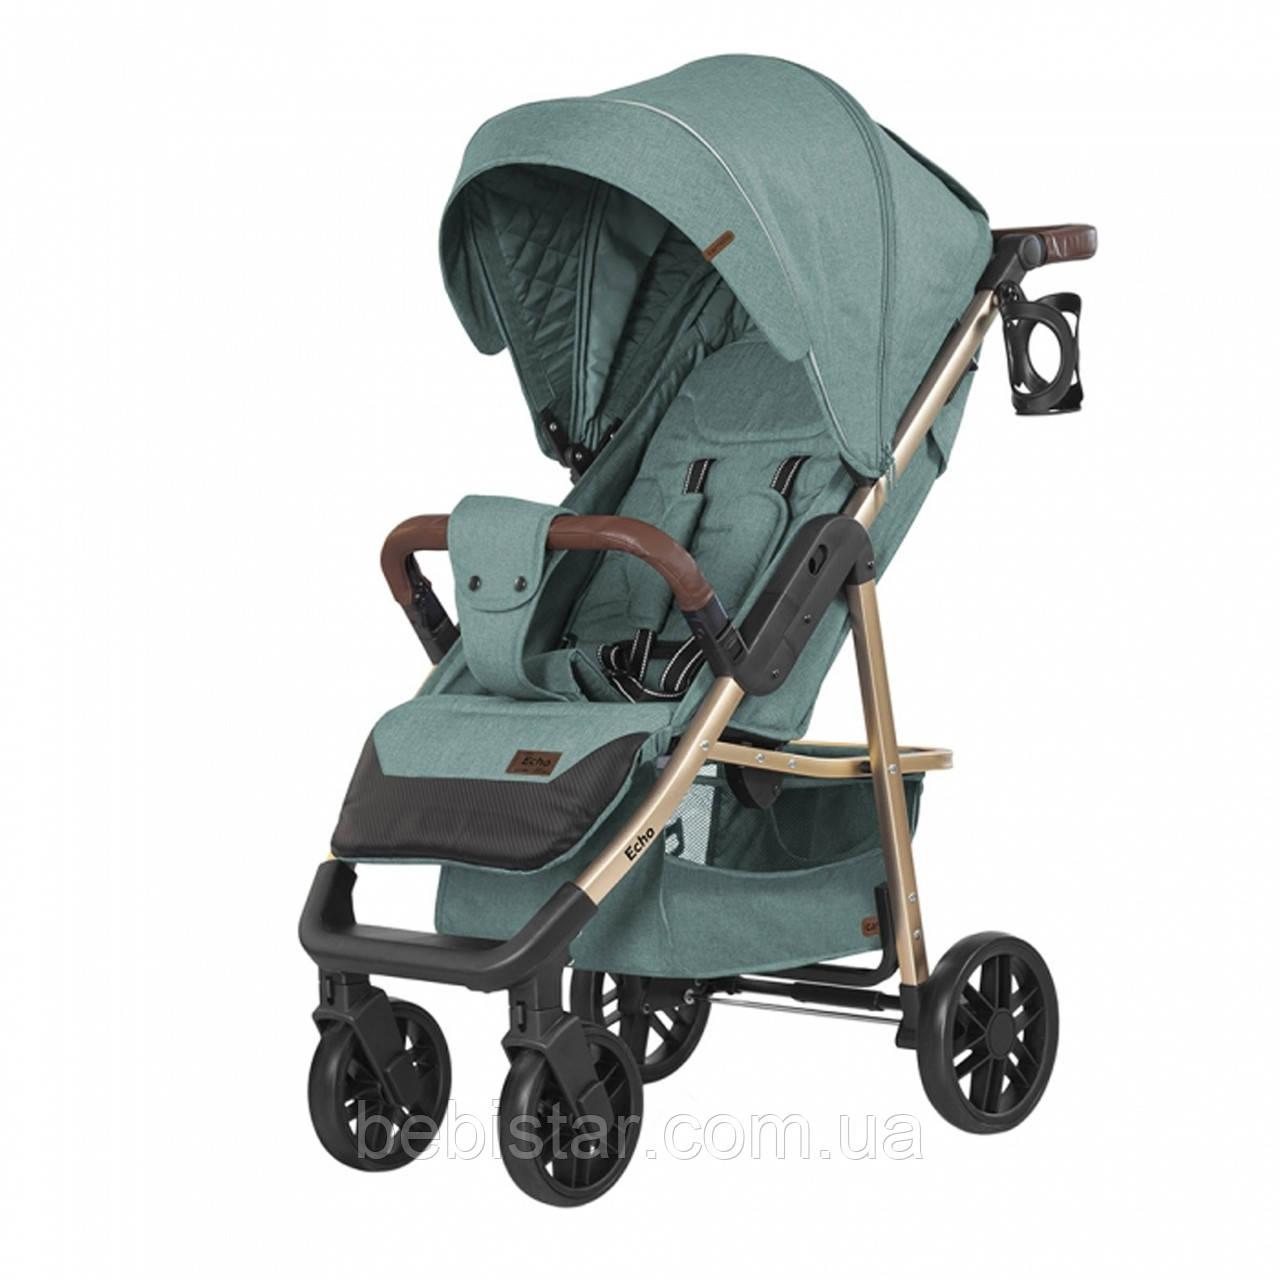 Детская прогулочная коляска темно-серая CARRELLO Echo CRL-8508/1 Emerald Green c дождевиком